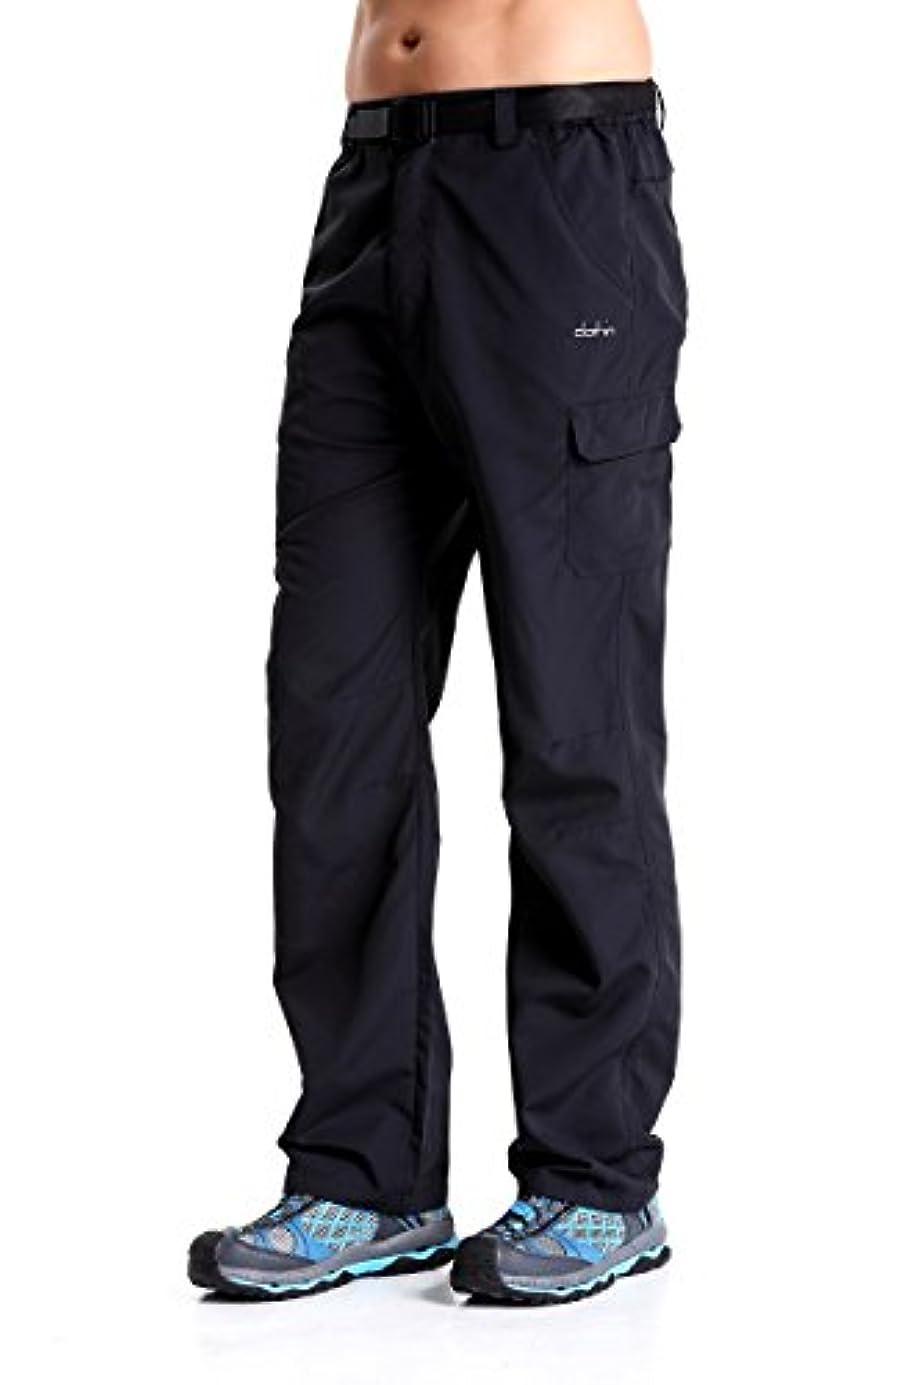 電極乱暴な賢いClothin(クロスン) 登山パンツ カーゴ 軽量 通気 撥水 速乾 トレッキング ゴルフ アウトドア メンズ